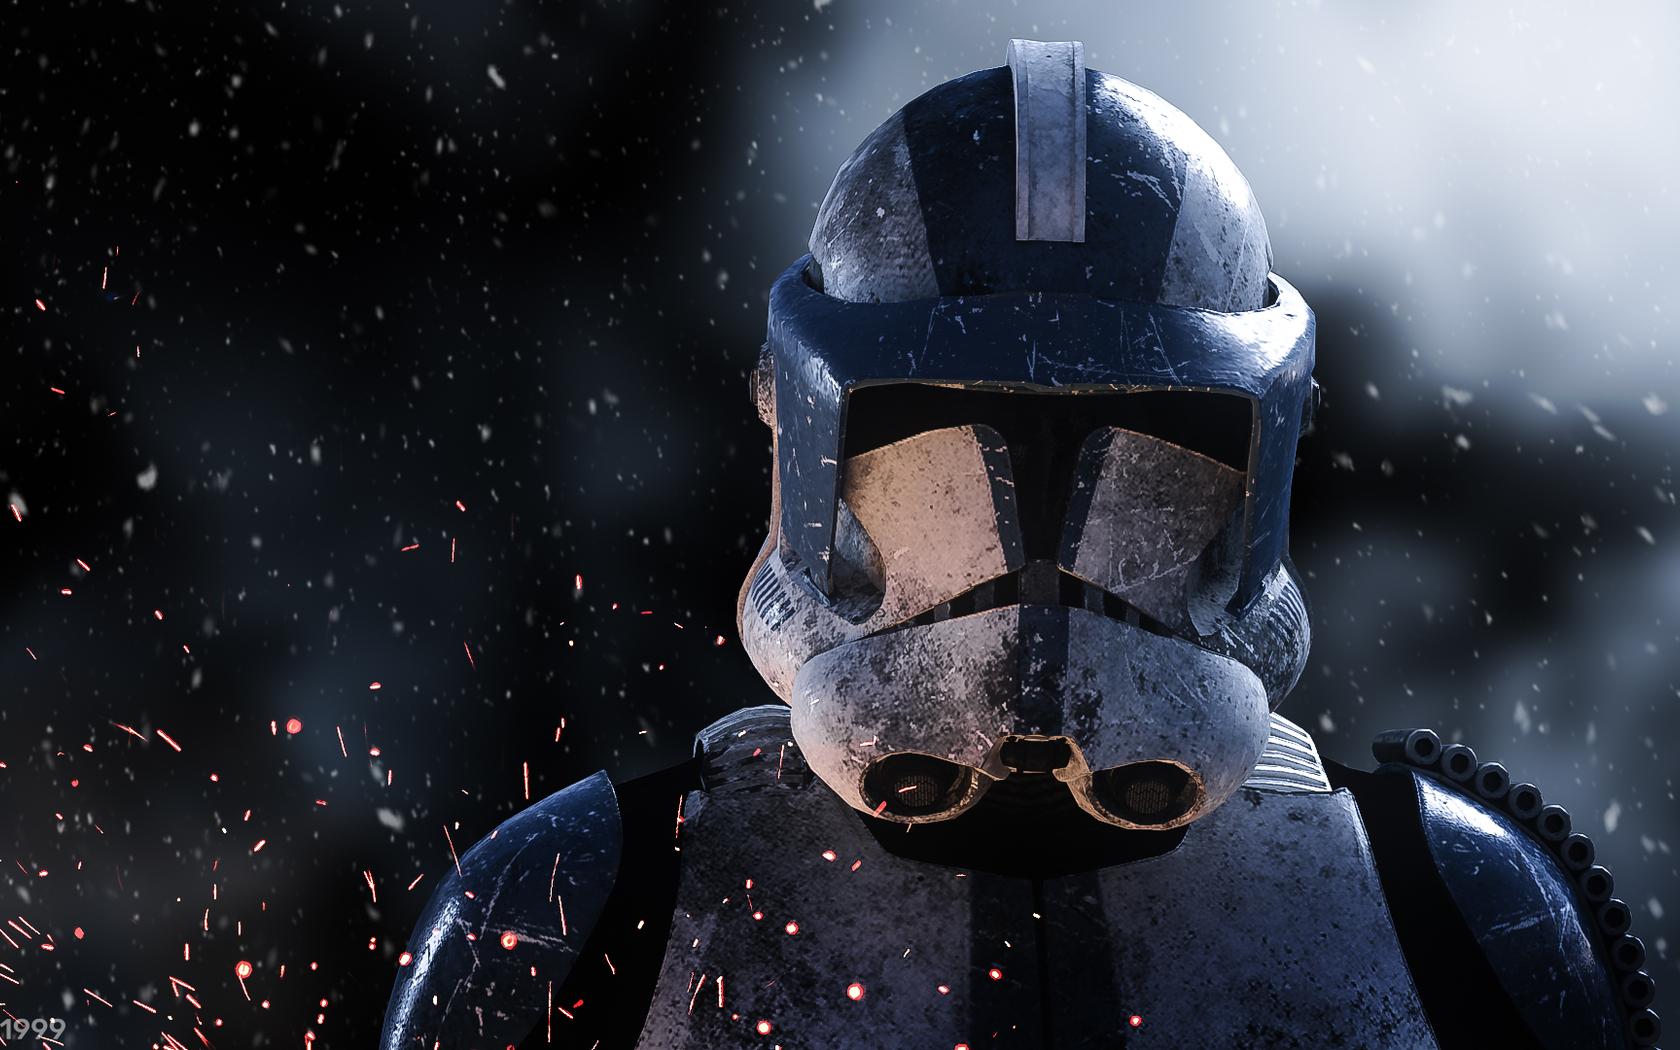 1680x1050 Clone Trooper Star Wars 2018 1680x1050 Resolution